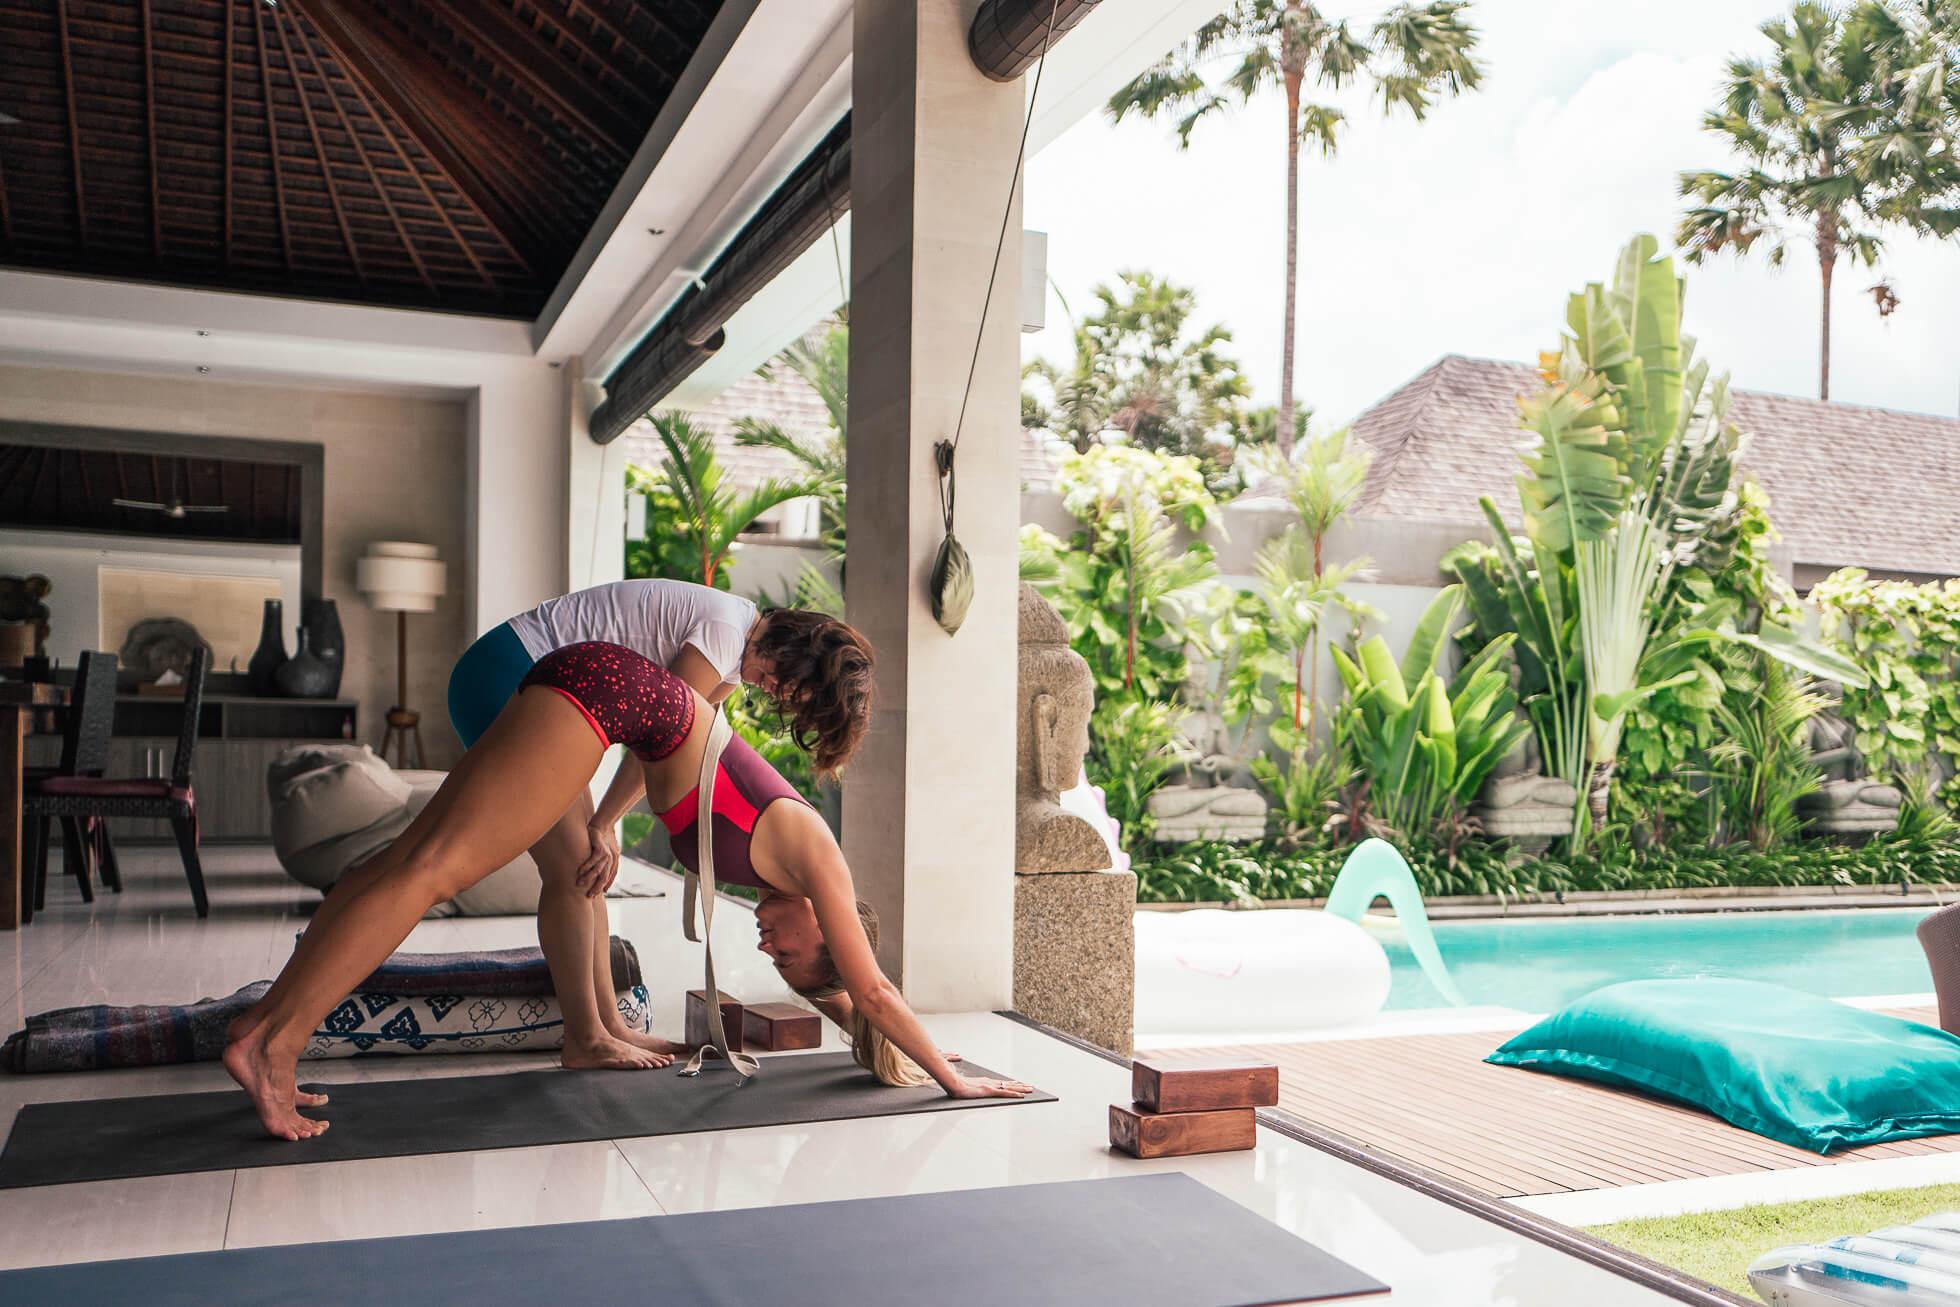 janni-deler-morning-yoga-balil1180593